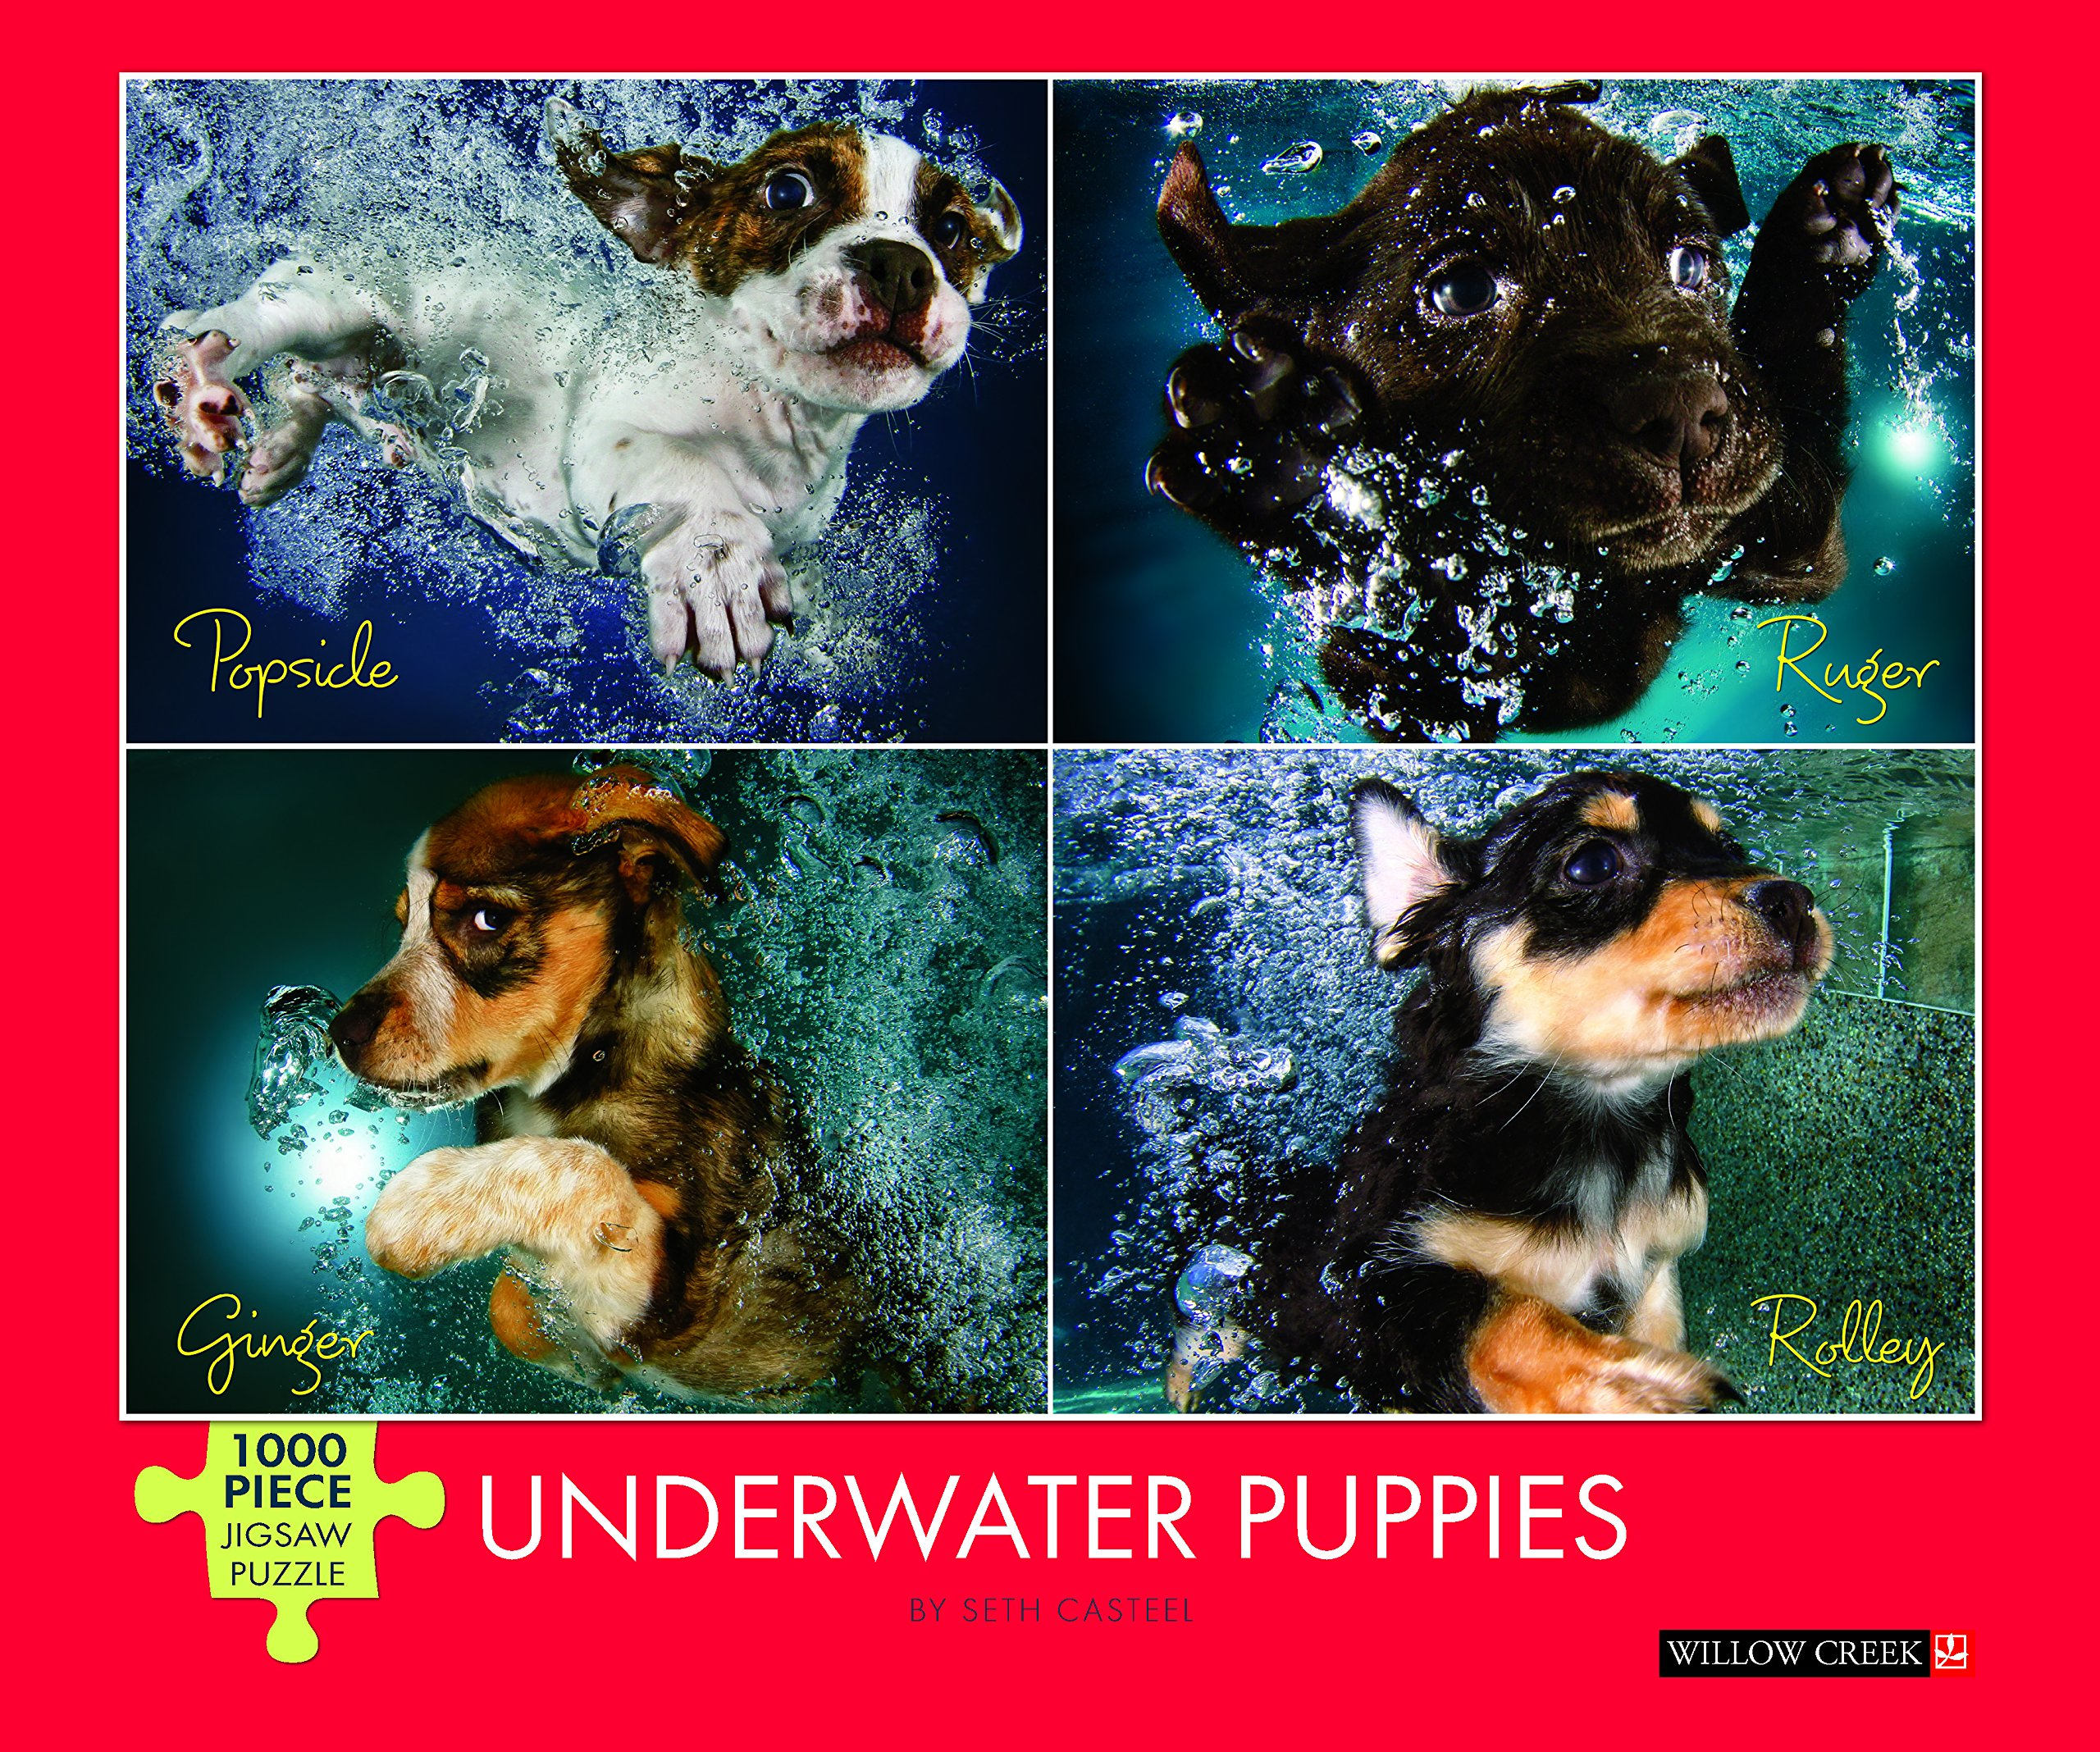 Underwater Puppies Piece Jigsaw Puzzle